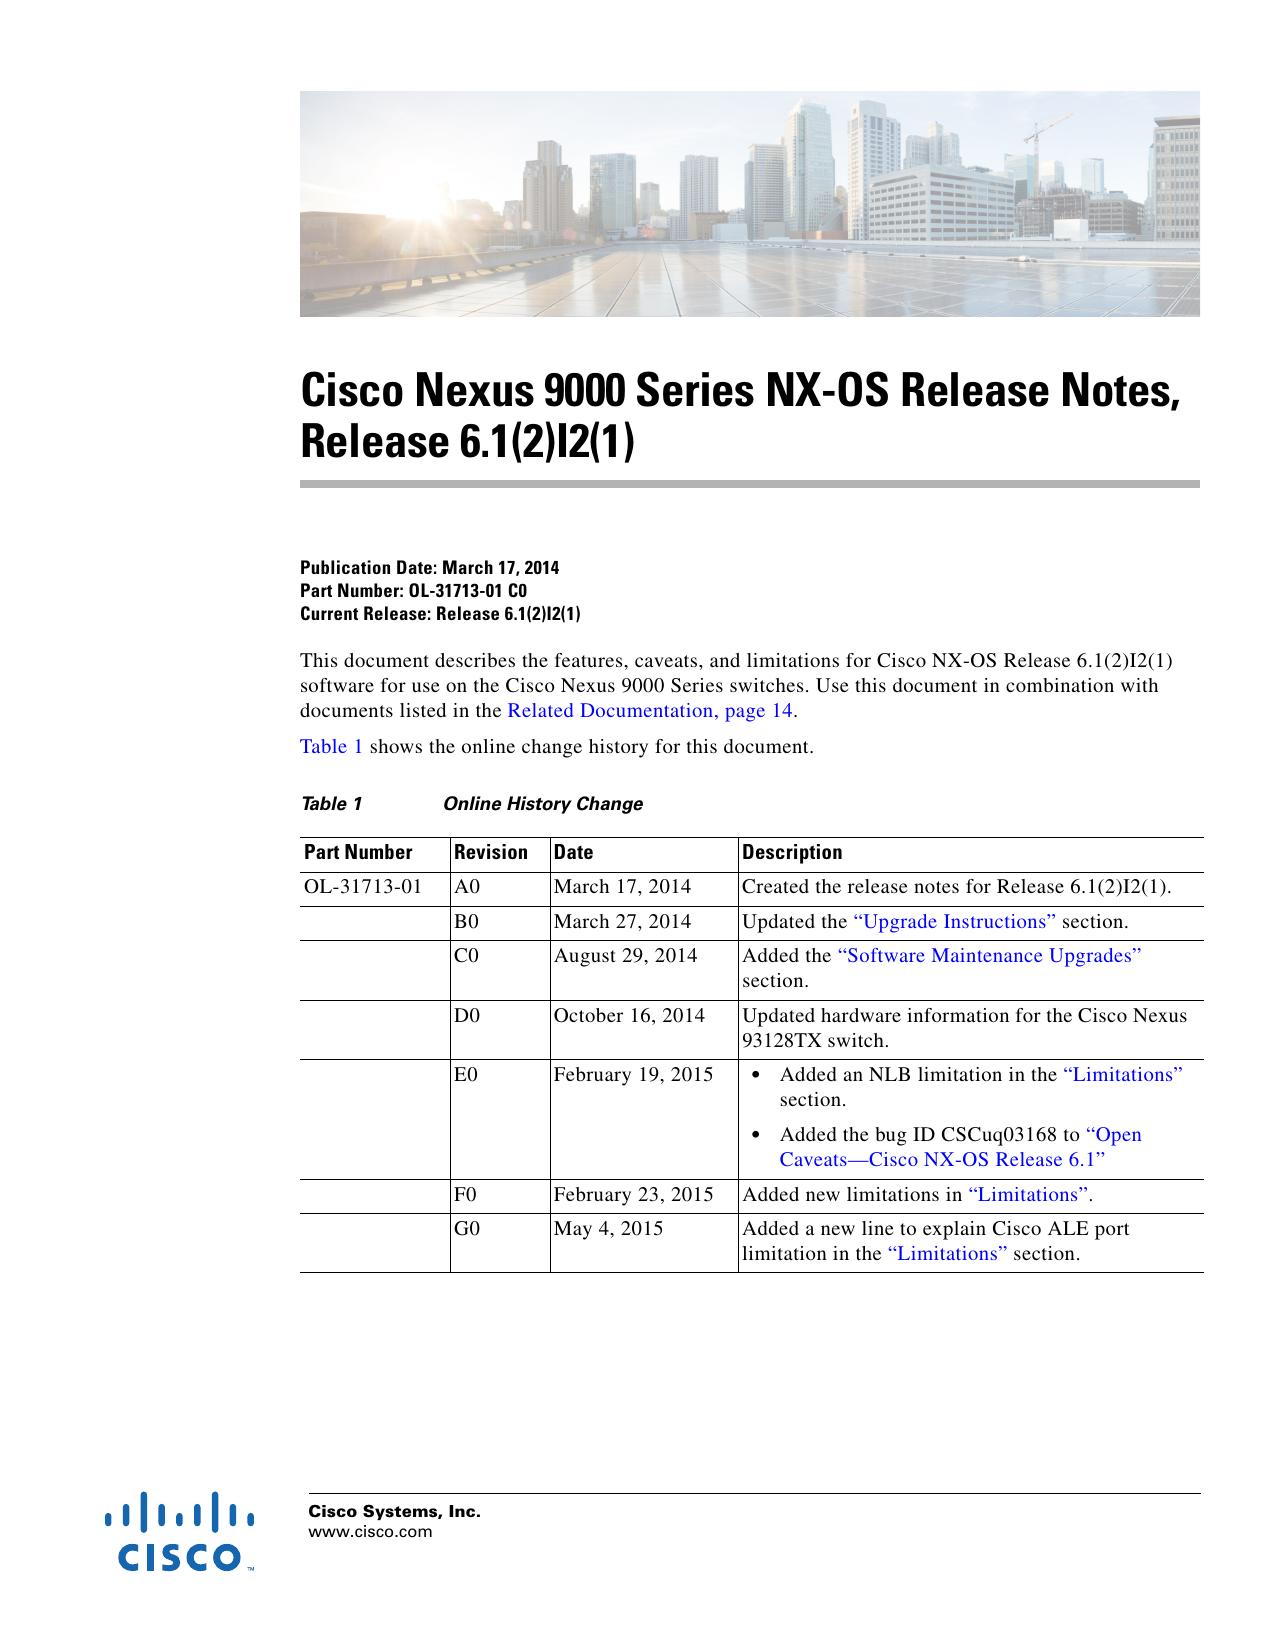 Cisco Nexus 9000 Series NX-OS Release Notes, Release 6 1(2